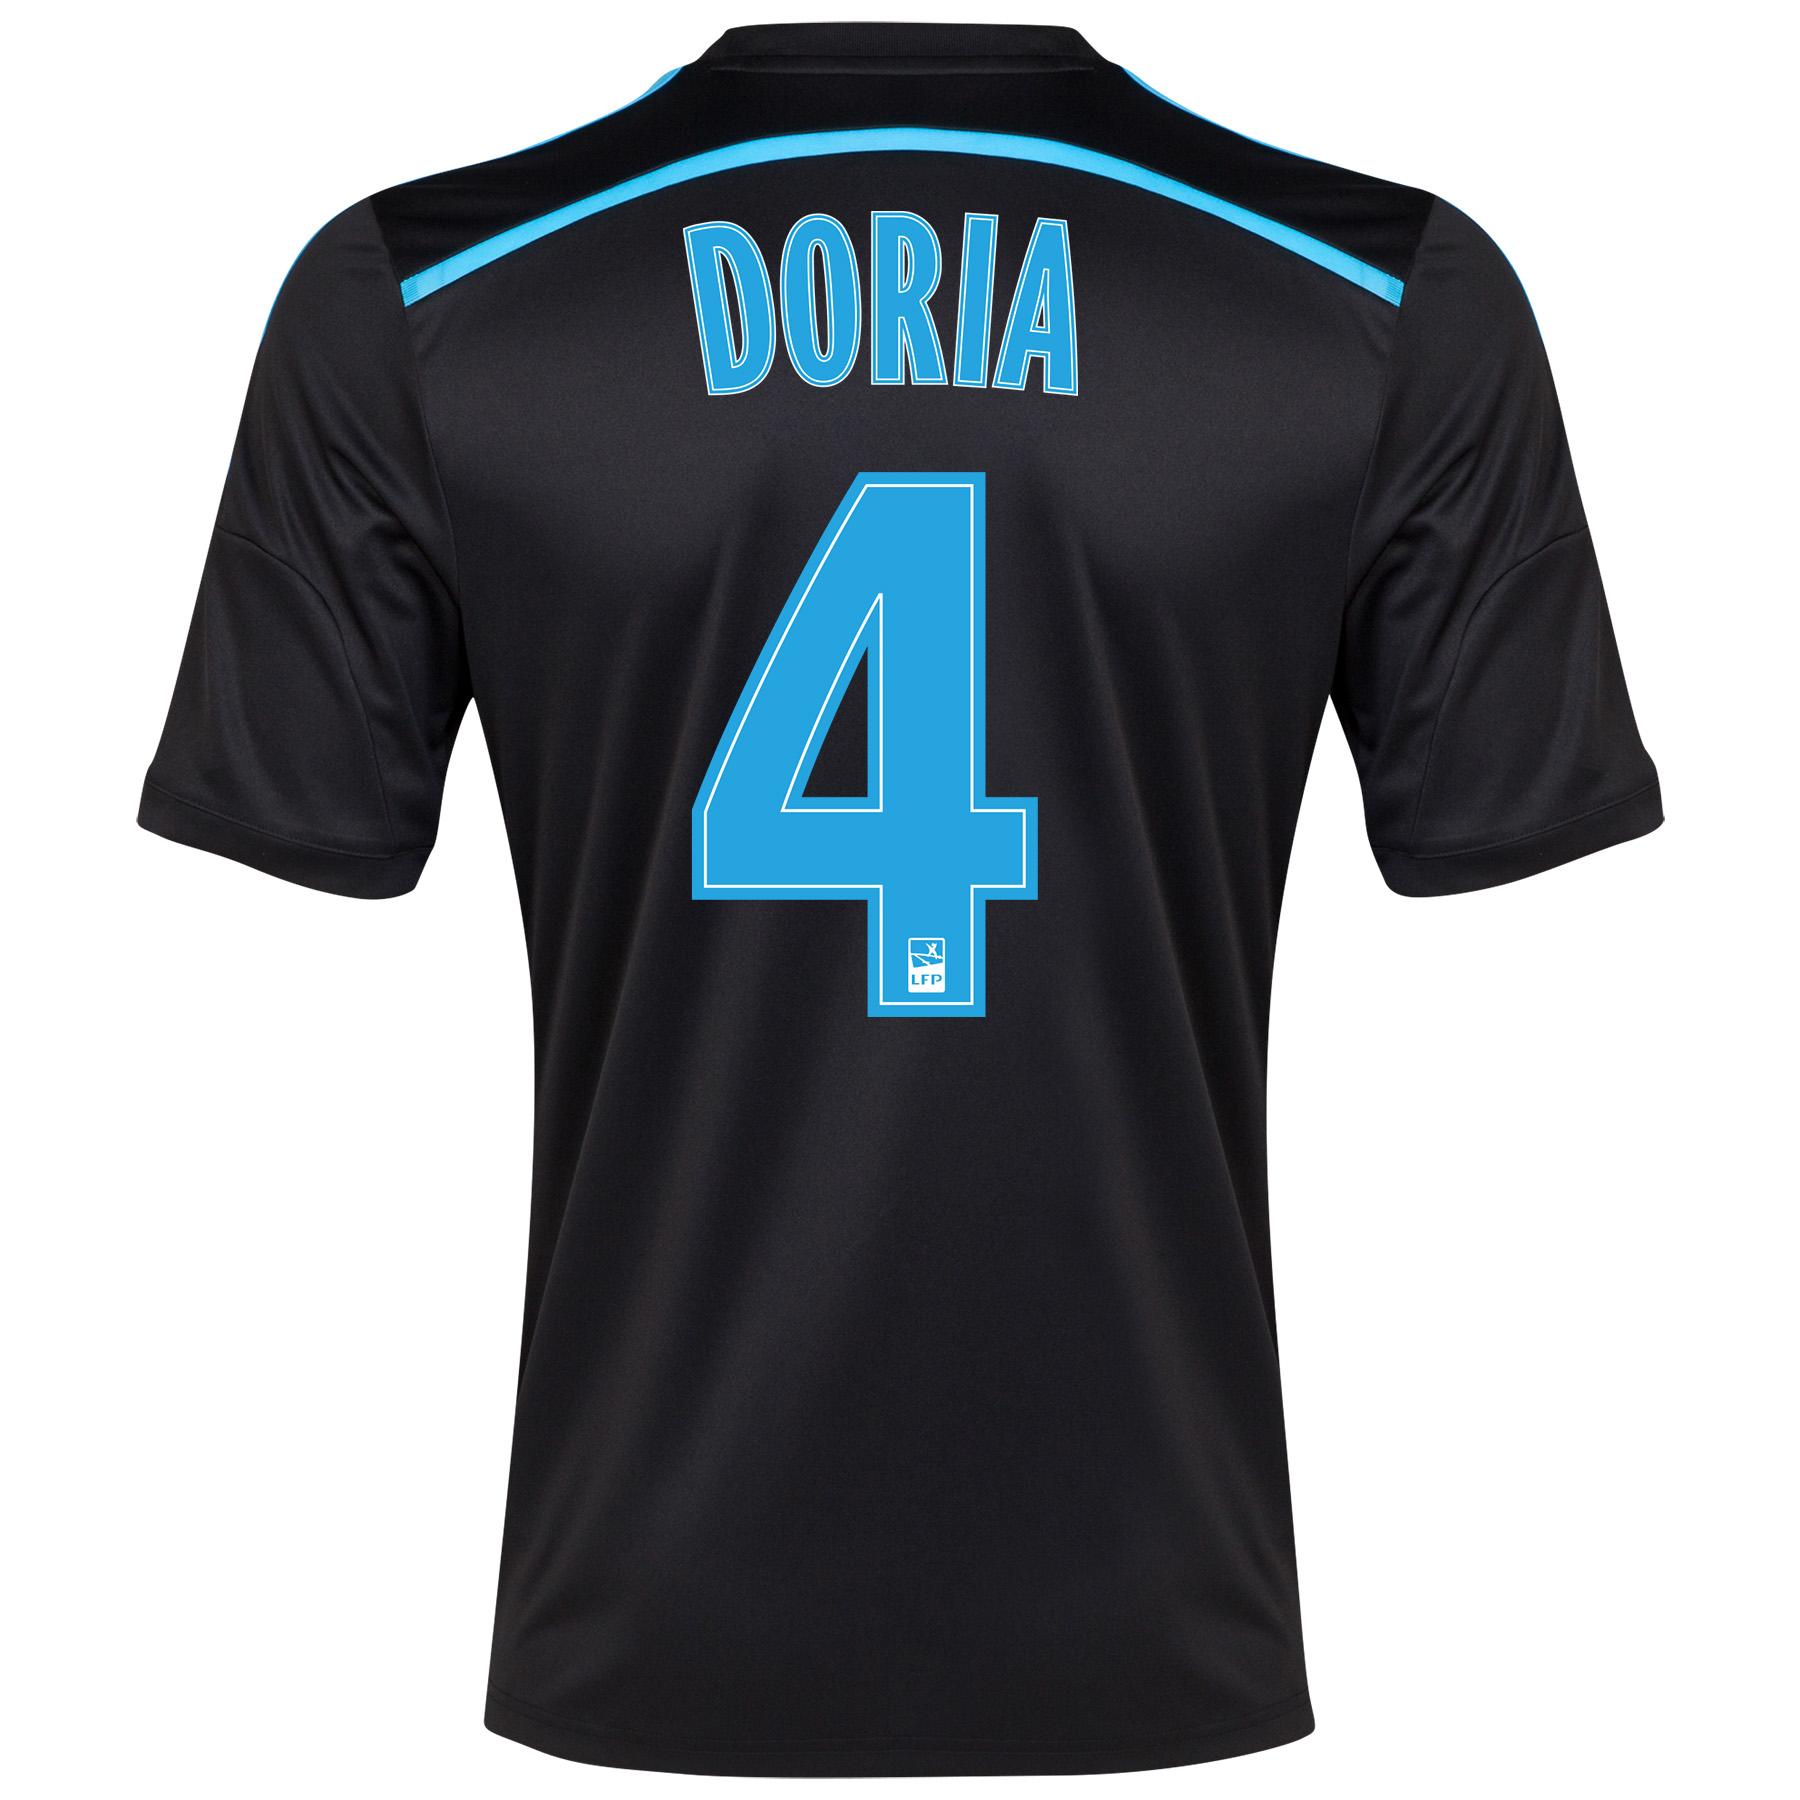 Olympique de Marseille 3rd Shirt Short Sleeve 2014/15 Black with Doria 4 printing